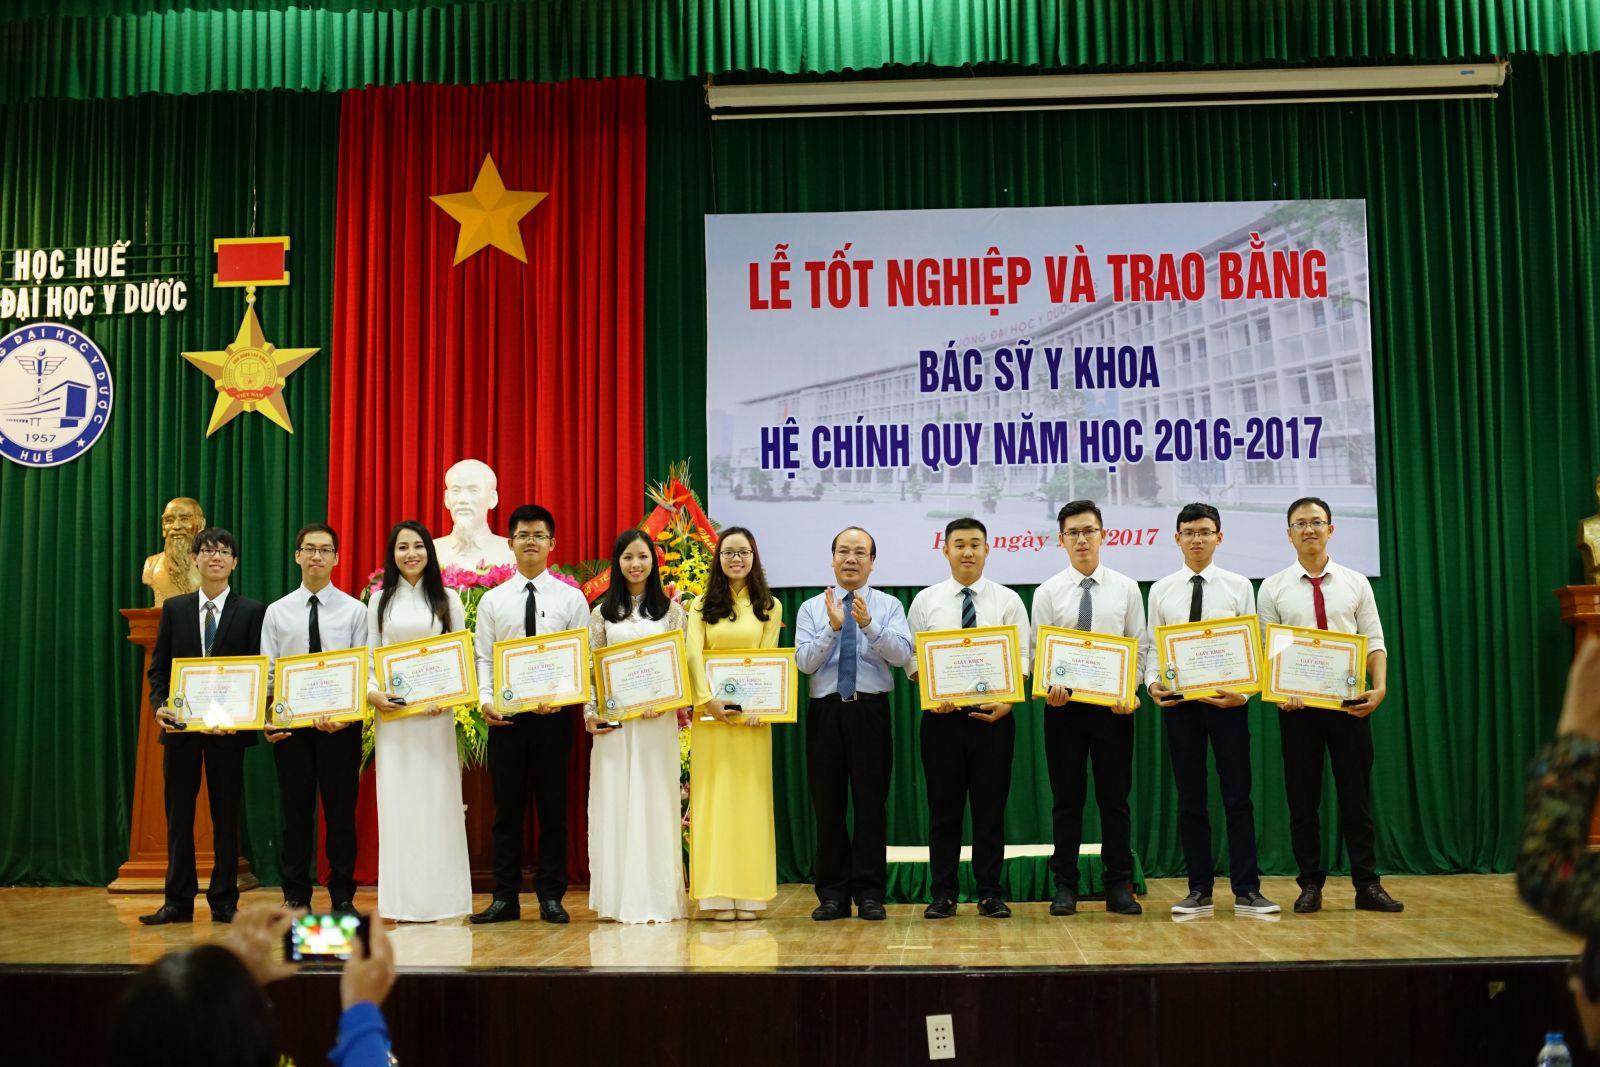 GS. Võ Tam, Phó Hiệu trưởng trao tặng Giấy khen cho những sinh viên đạt kết quả học tập xuất sắc/giỏi, rèn luyện xuất sắc/tốt và tích cực tham gia các công tác của Nhà trường trong toàn khóa học.